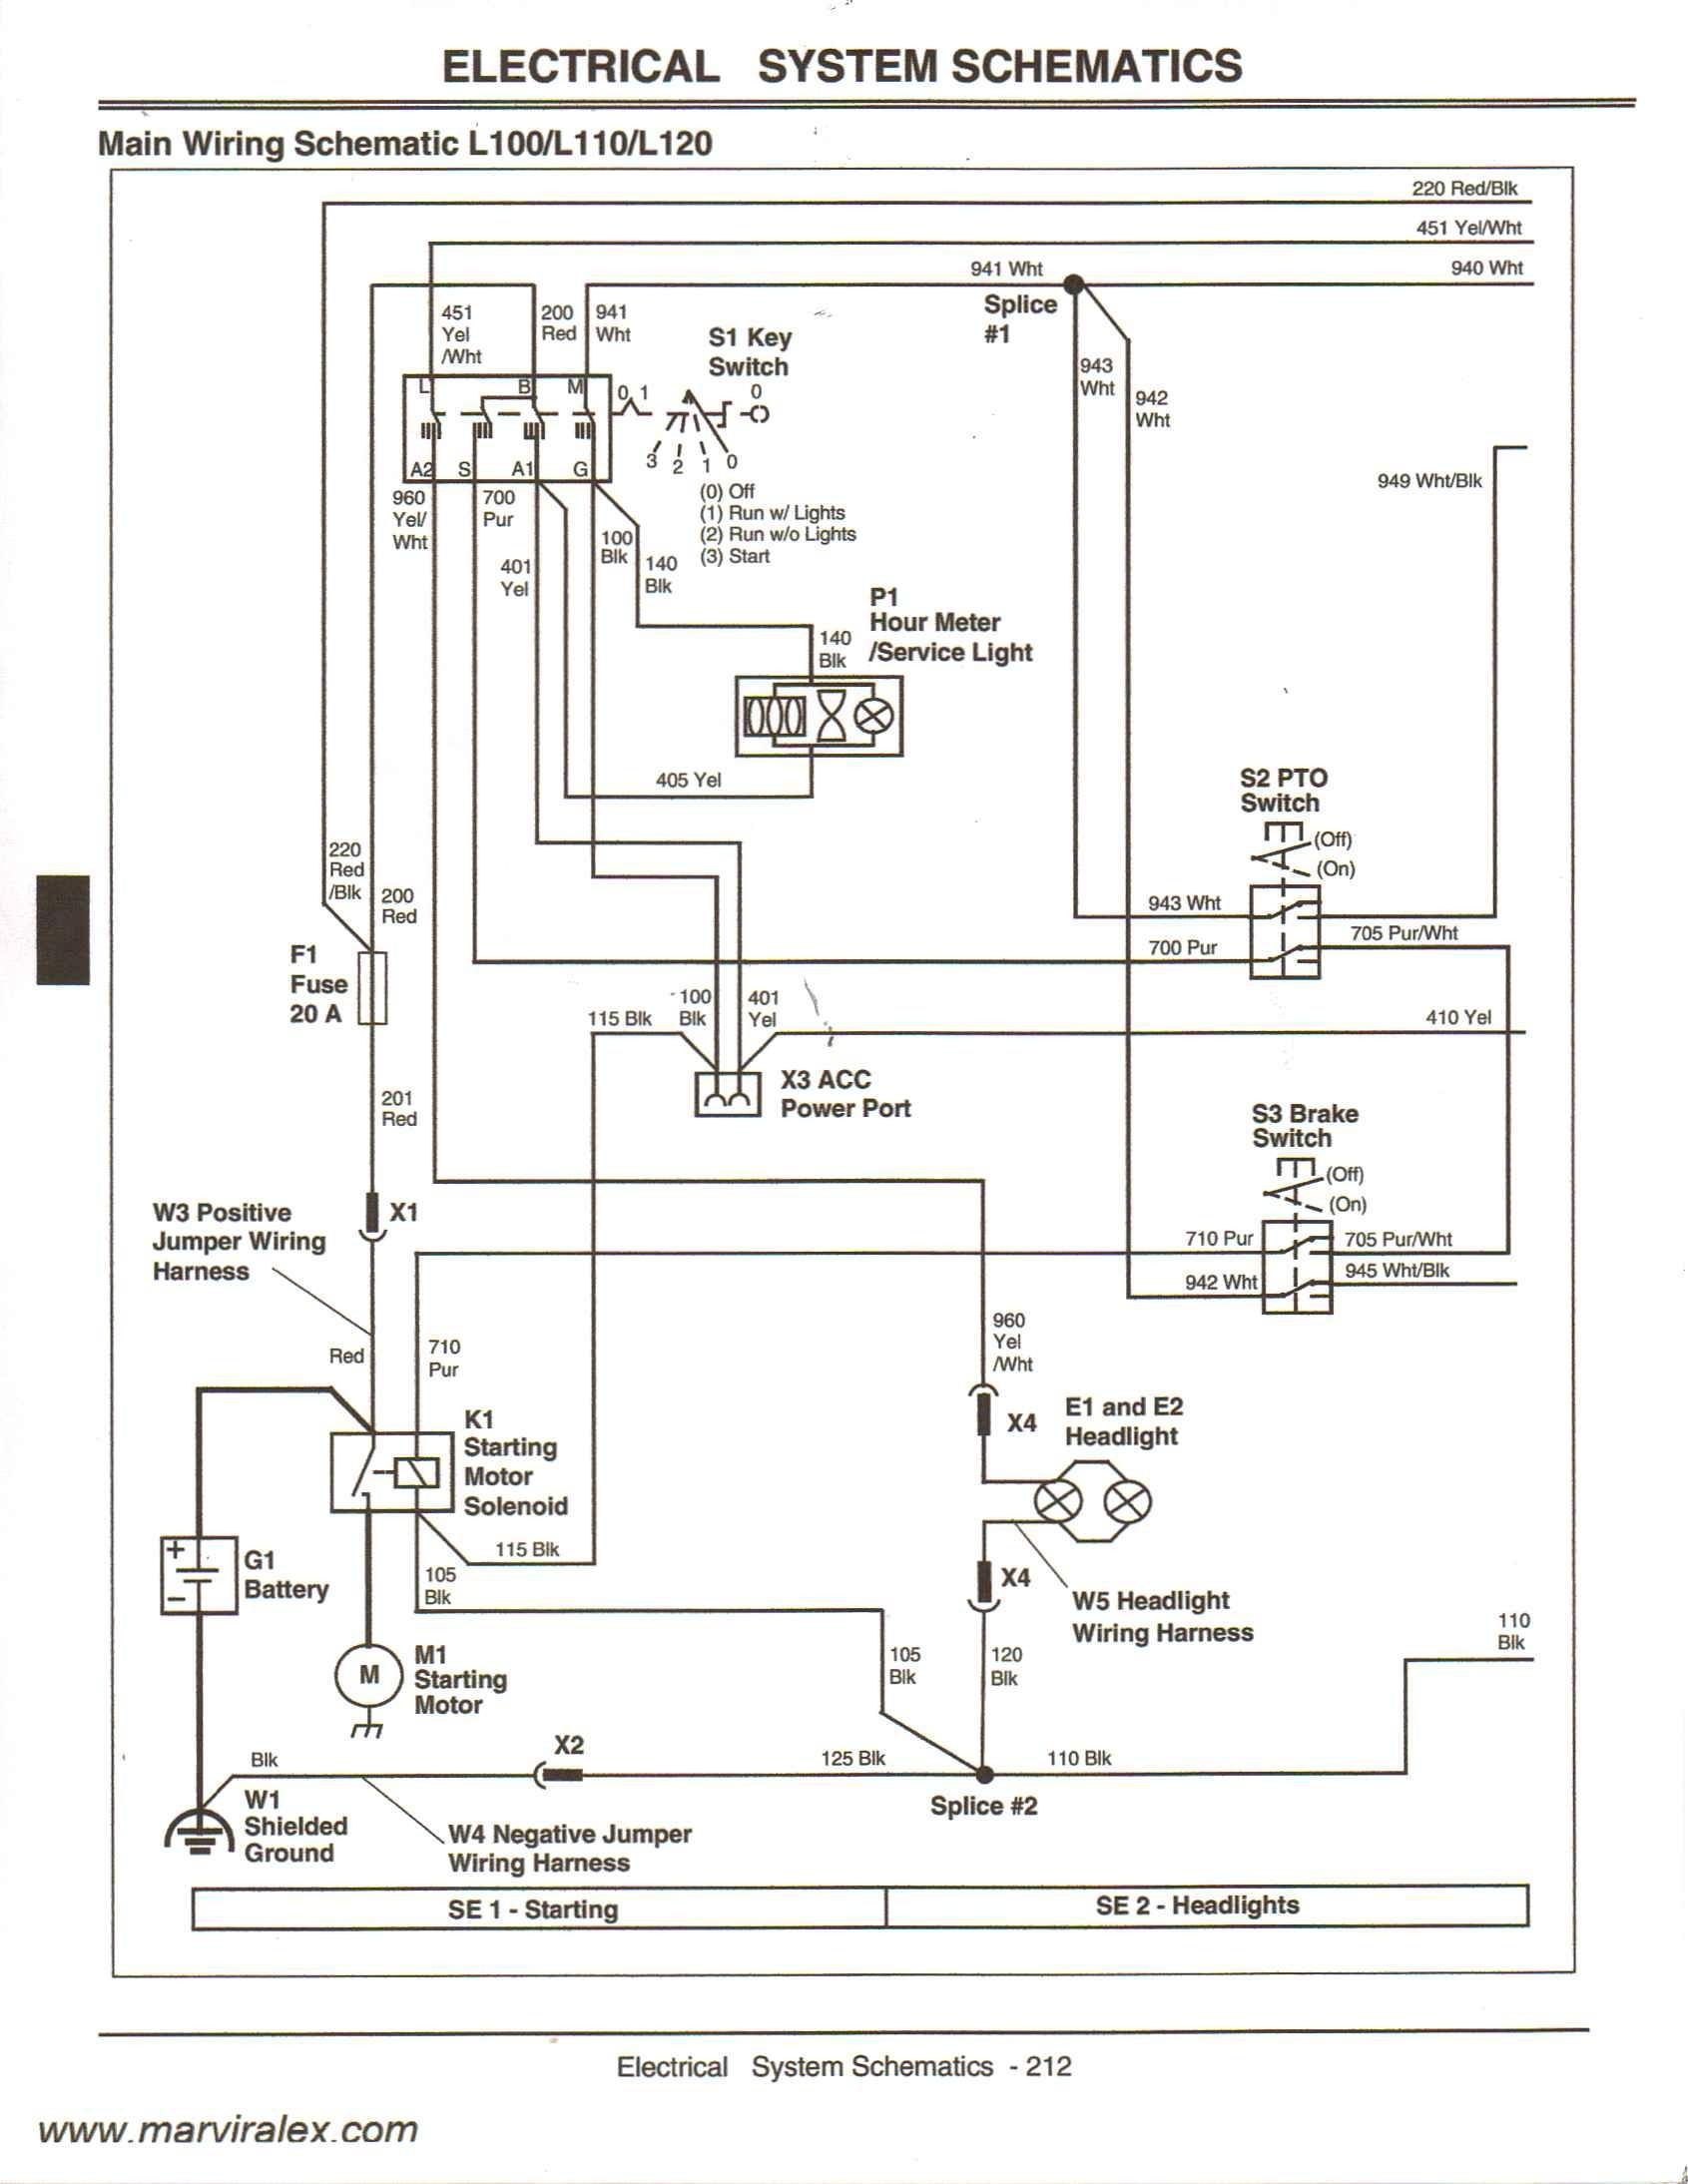 john deere stx wiring diagram